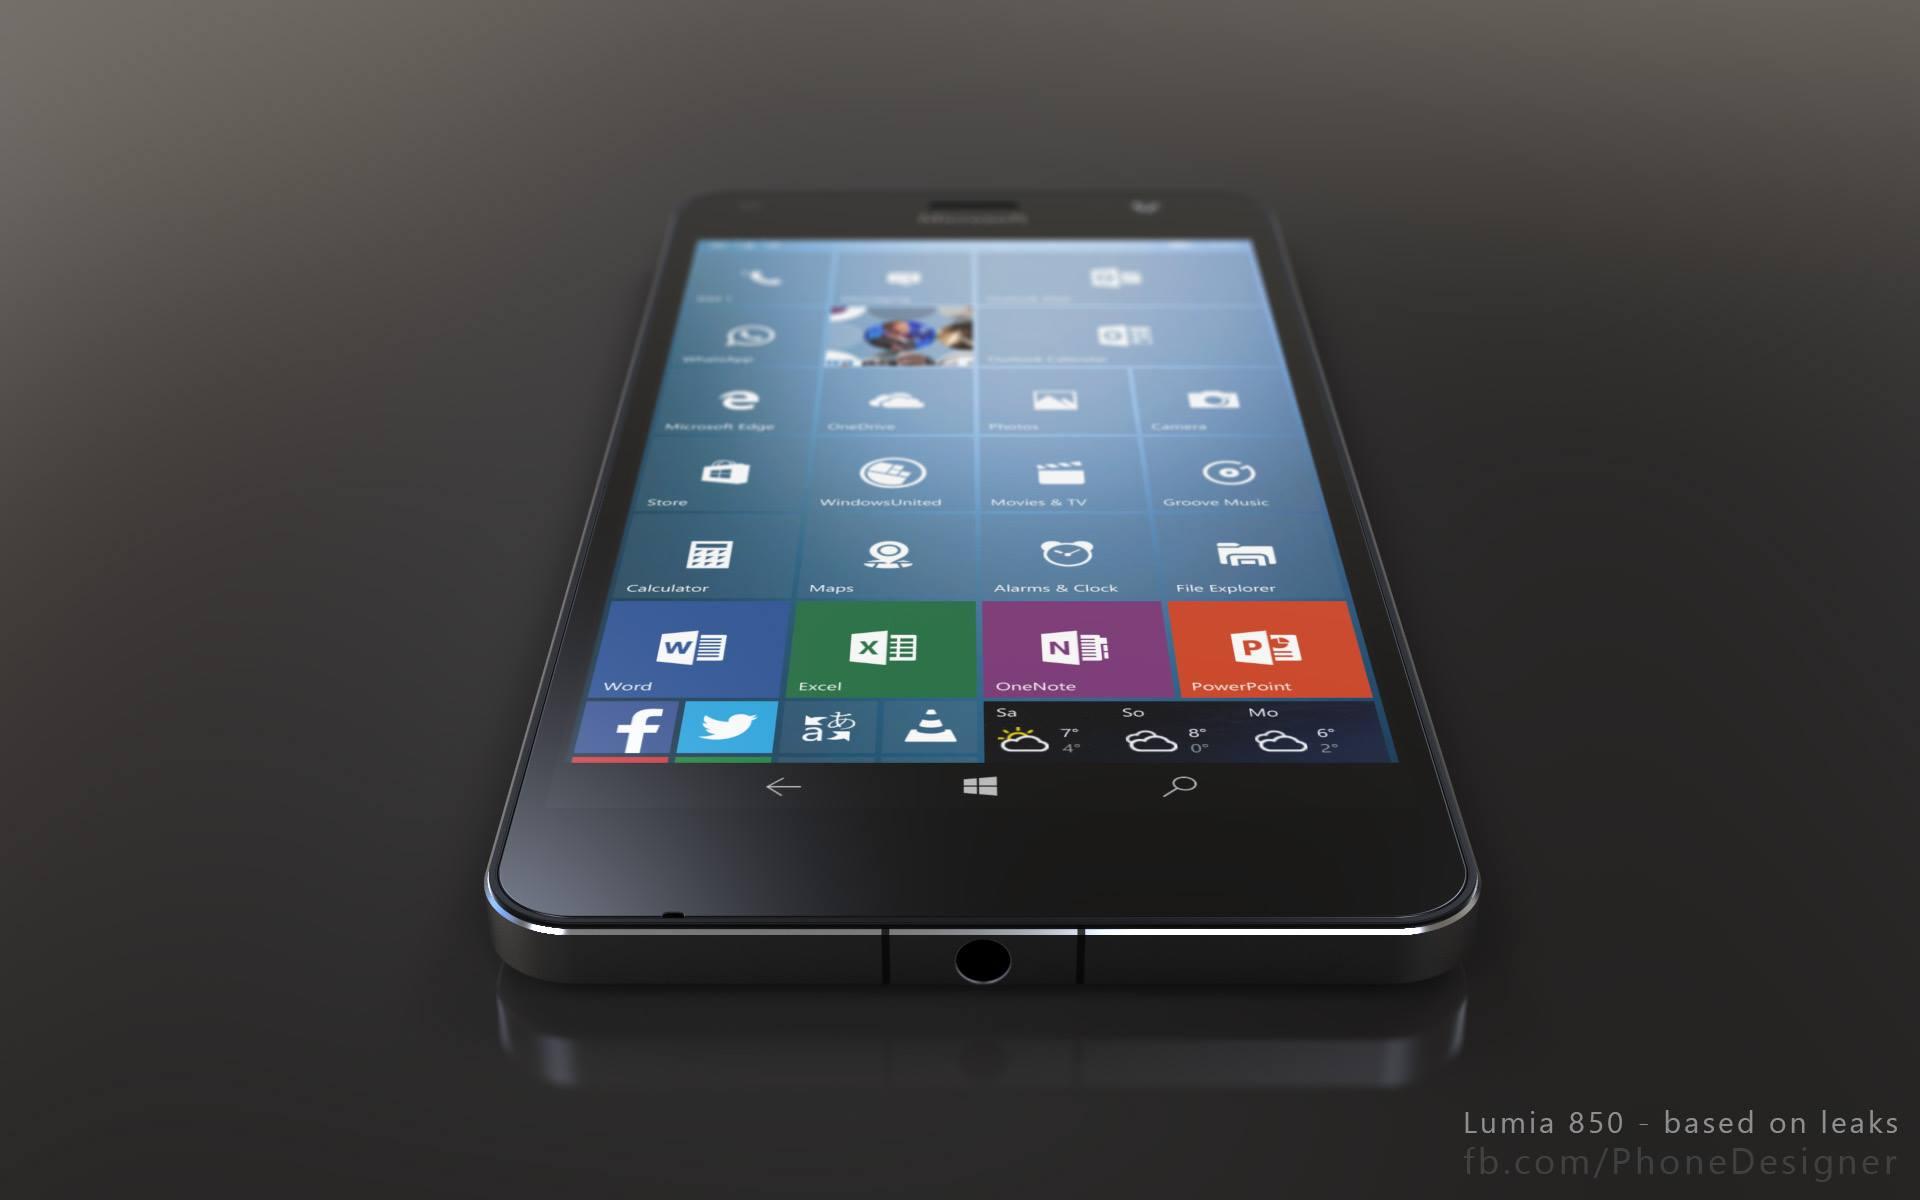 Microsoft-Lumia-850-renders-based-on-leaks (2)